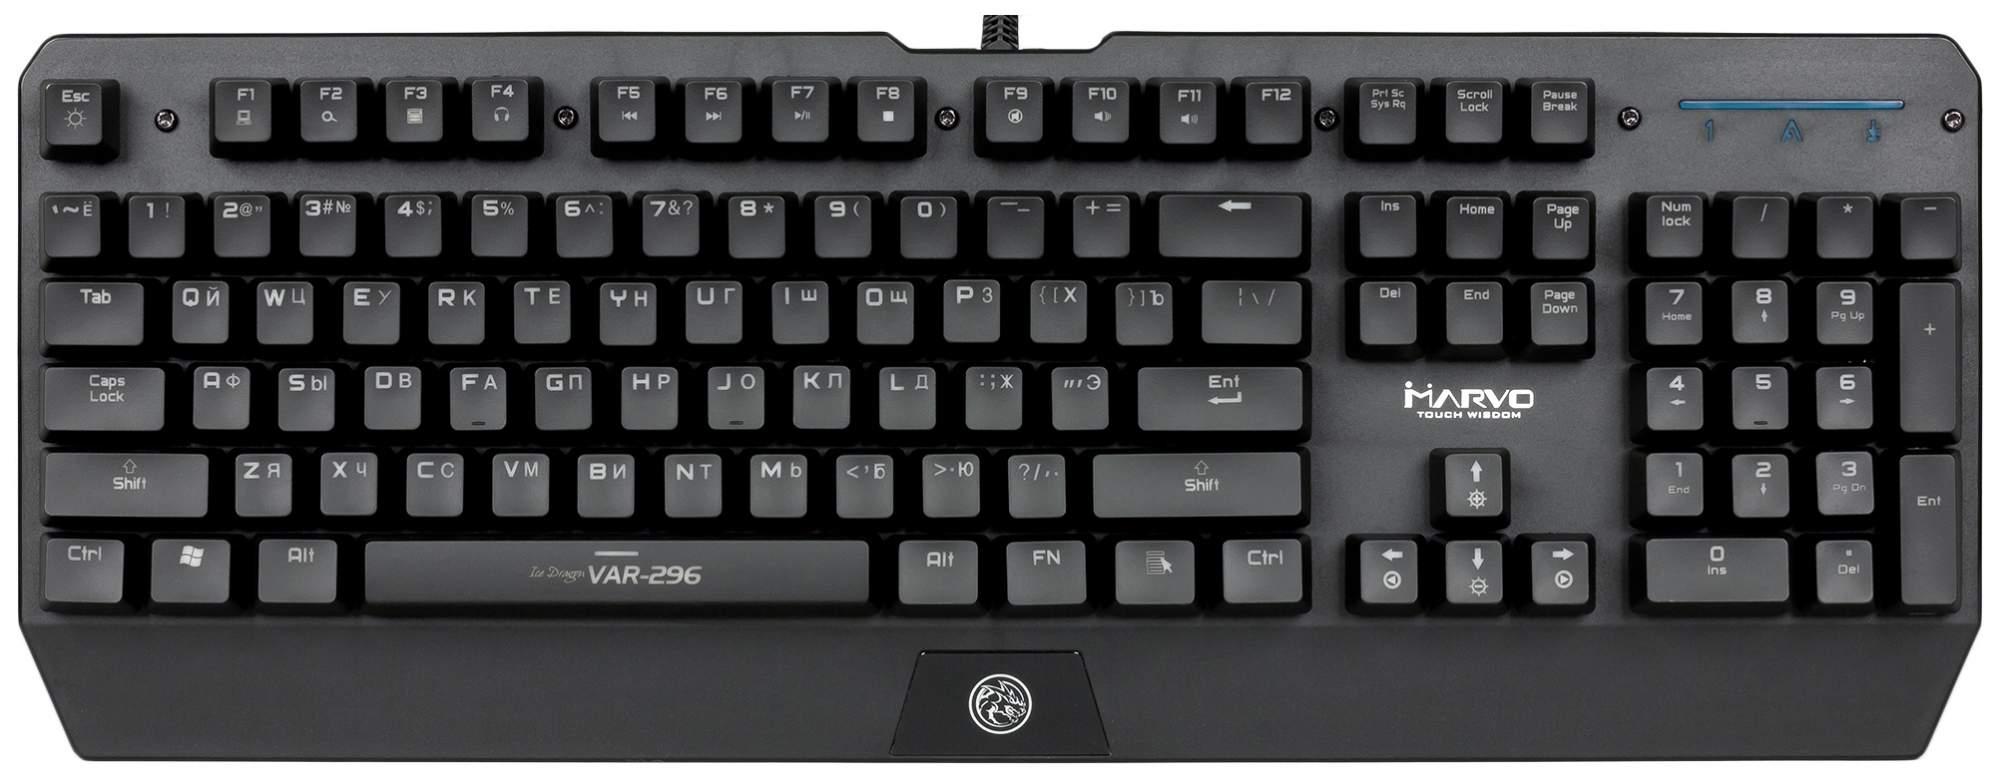 Игровая клавиатура MARVO VAR-296 Black